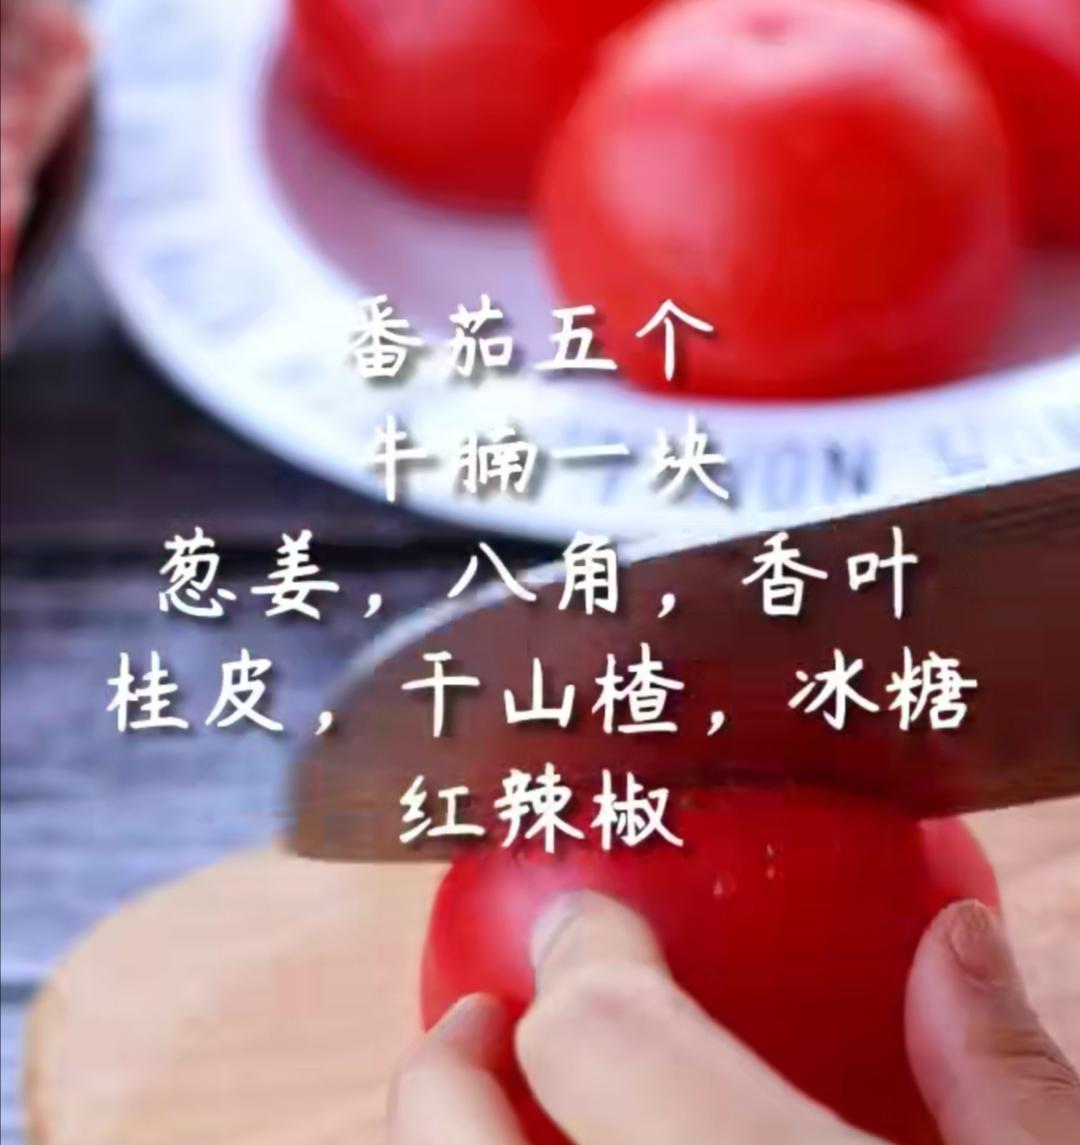 一分钟就能学会的私家版番茄炖牛腩的做法 步骤1